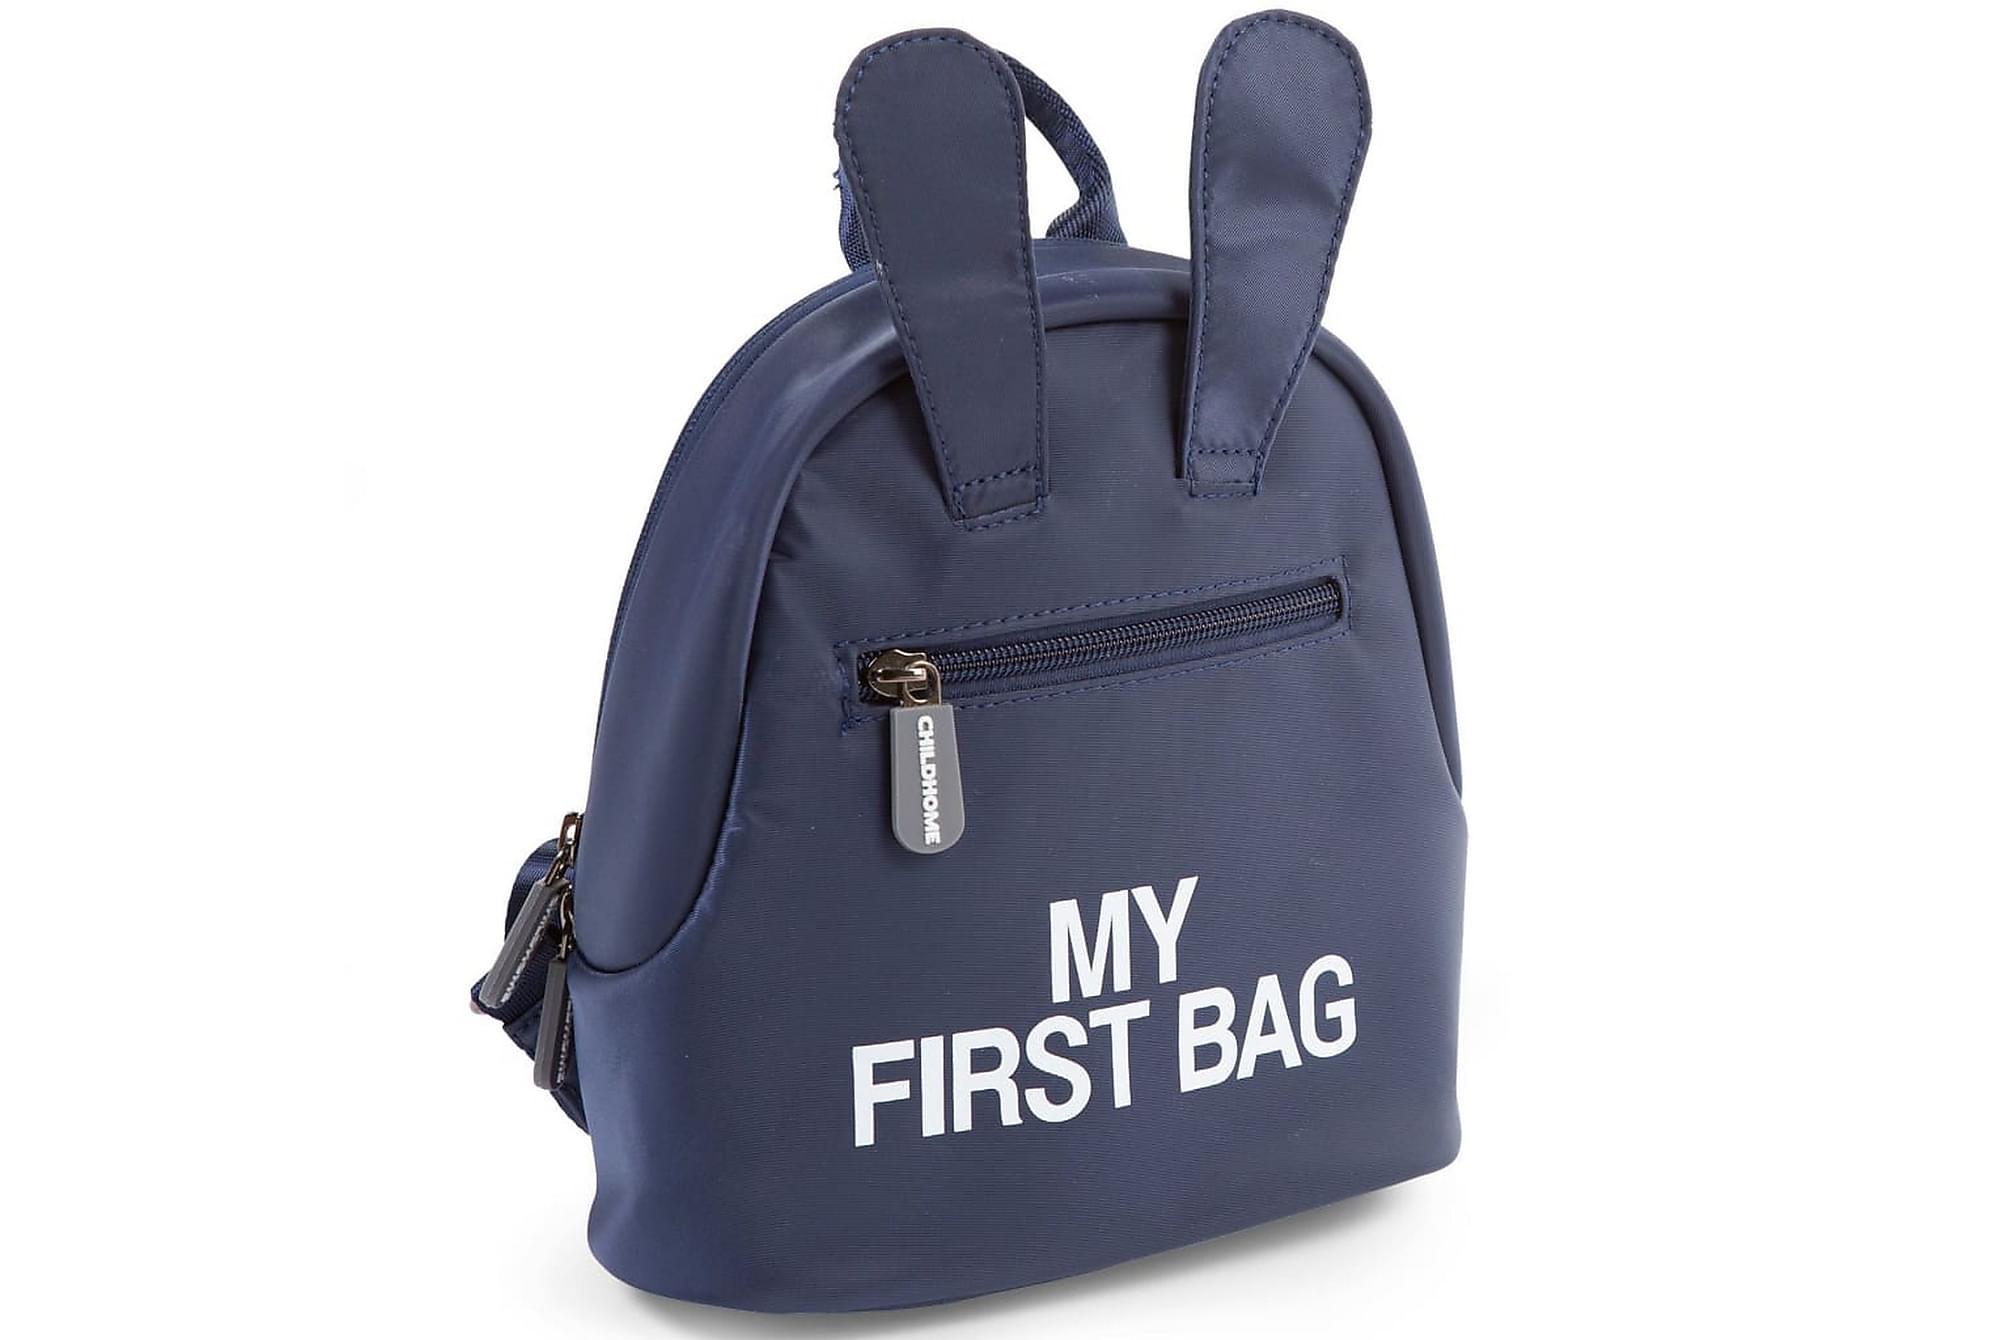 CHILDHOME Barnryggsäck My First Bag marinblå, Barninredning